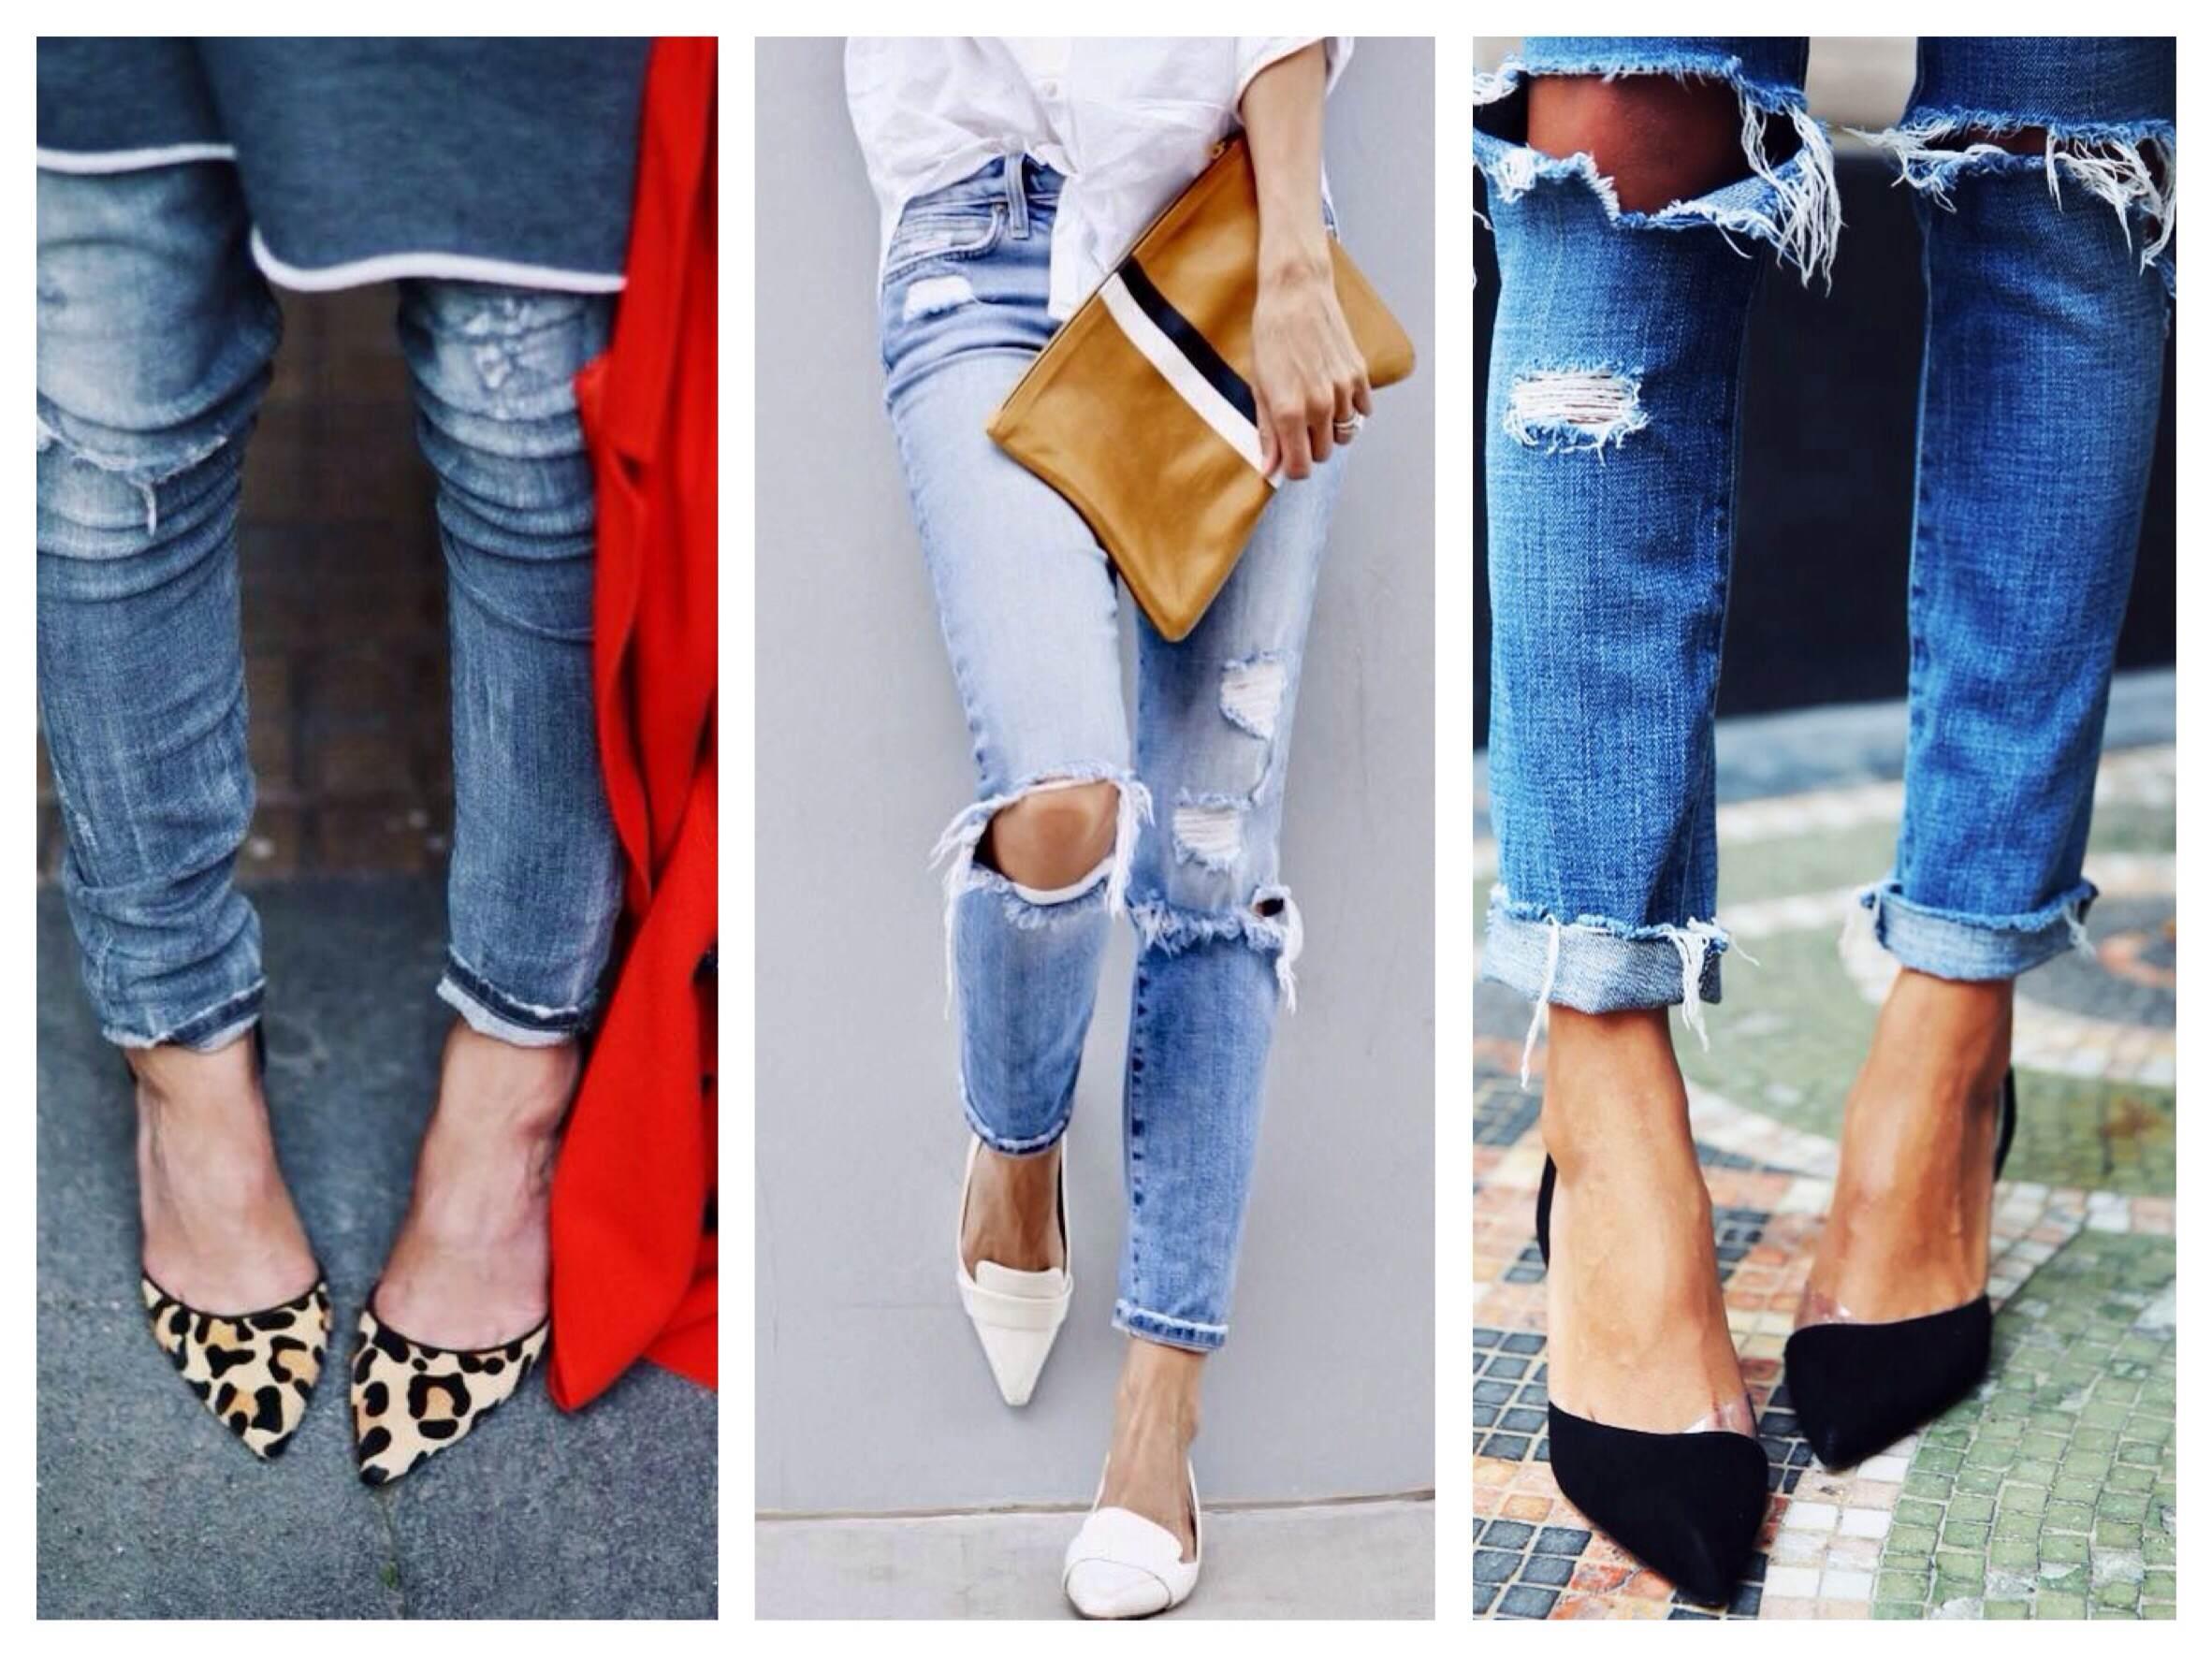 Обувь к джинсам  фото, рекомендации 408dca18fd4